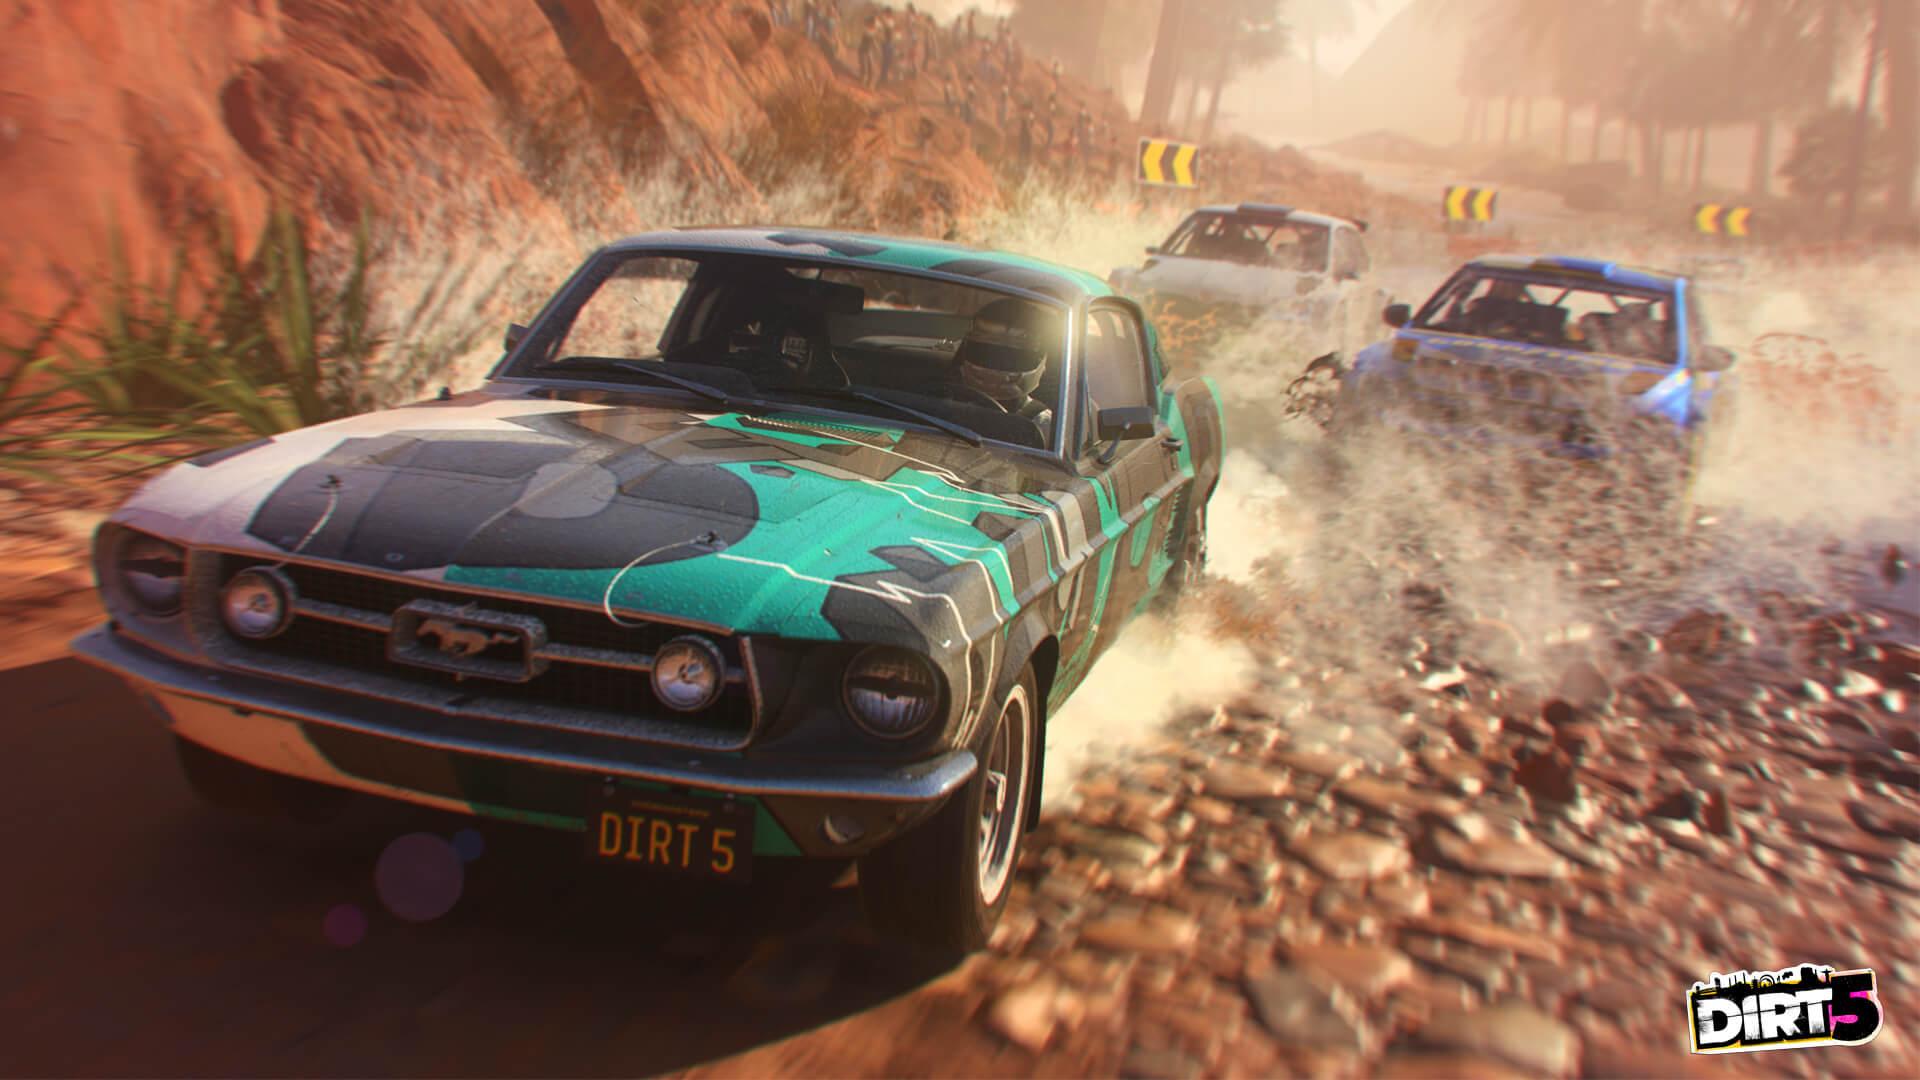 Světové herní weby si vyzkoušely DiRT 5 na Xbox Series X, podívejte se na gameplay záběry